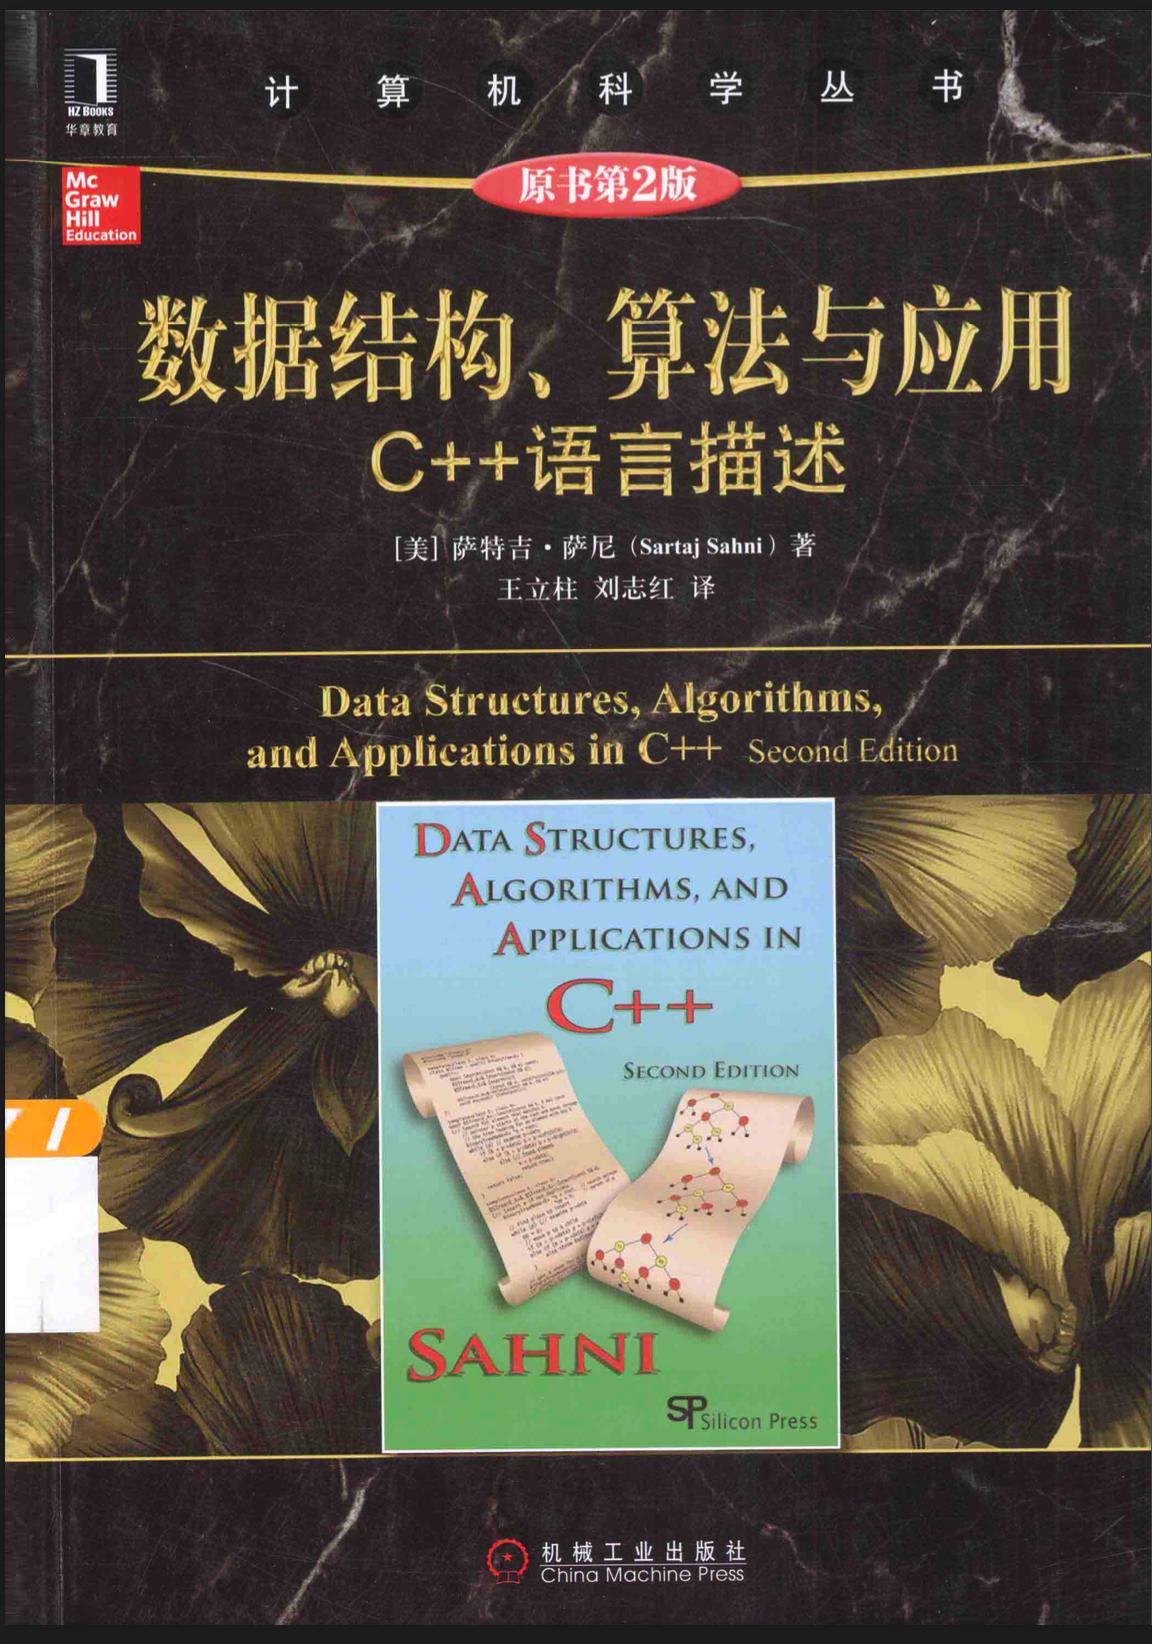 C++书籍1【中】 2